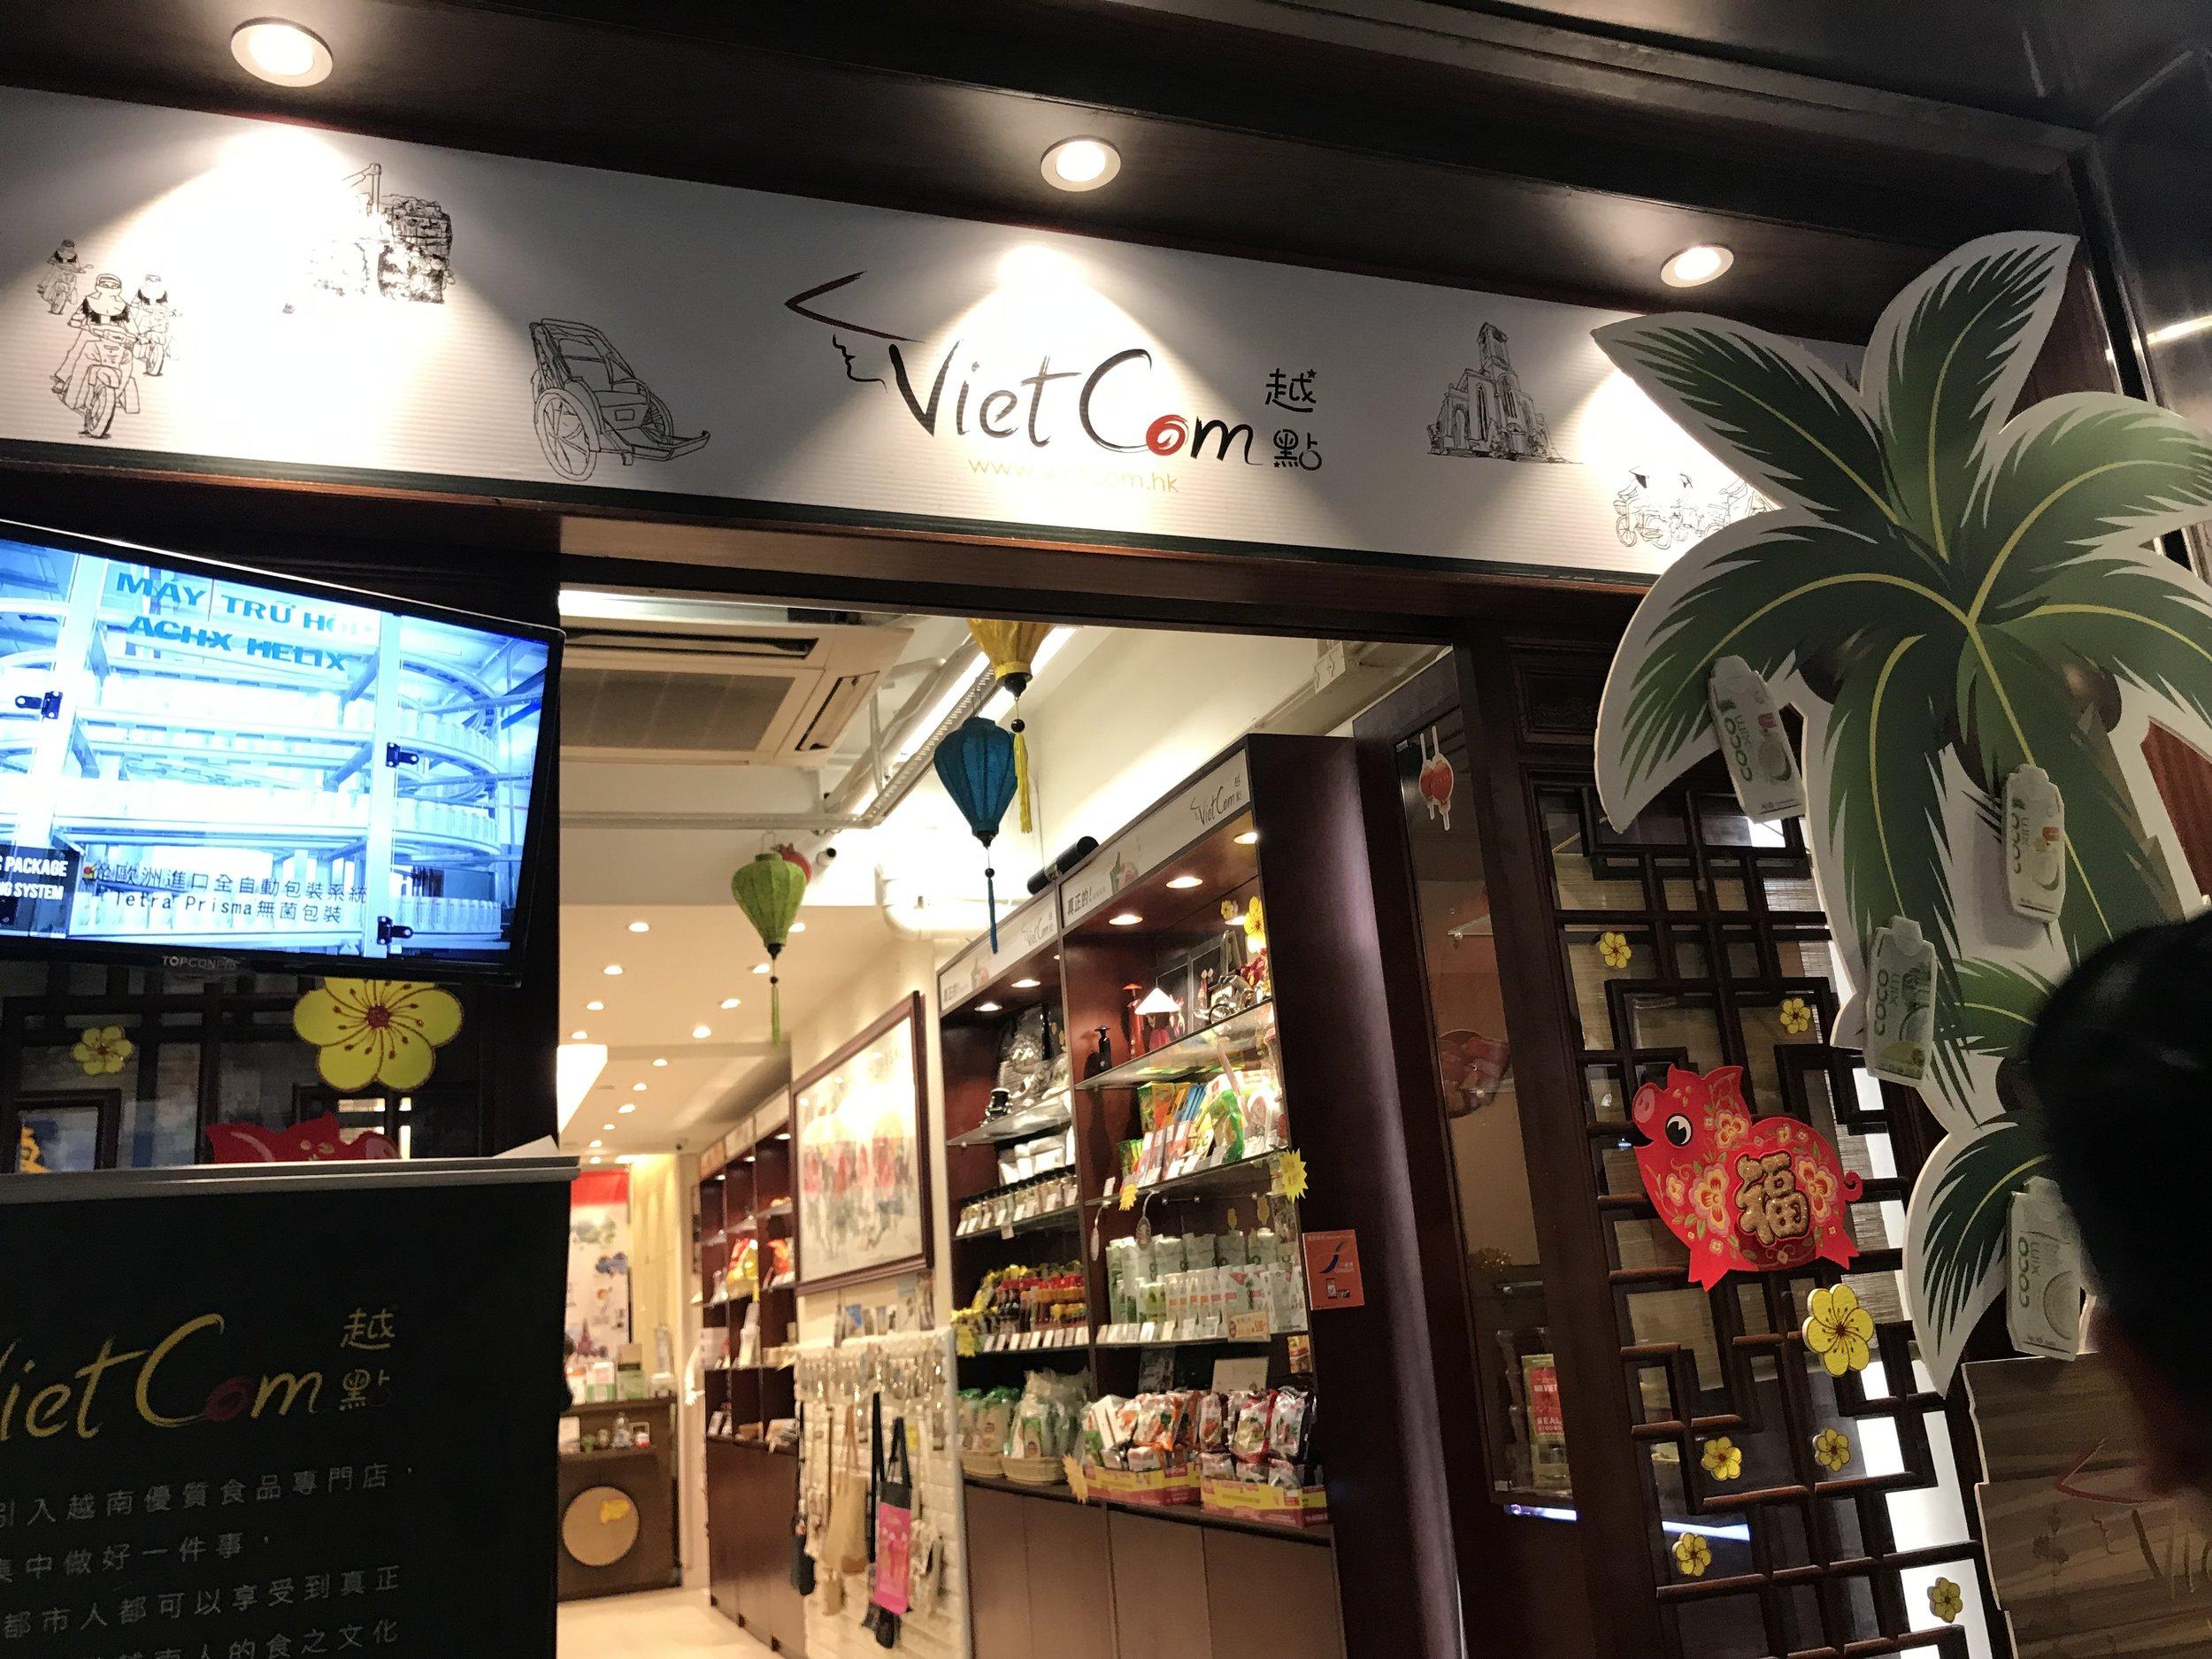 Một cửa tiệm bán coffee của người Việt tại đảo Kowloon.